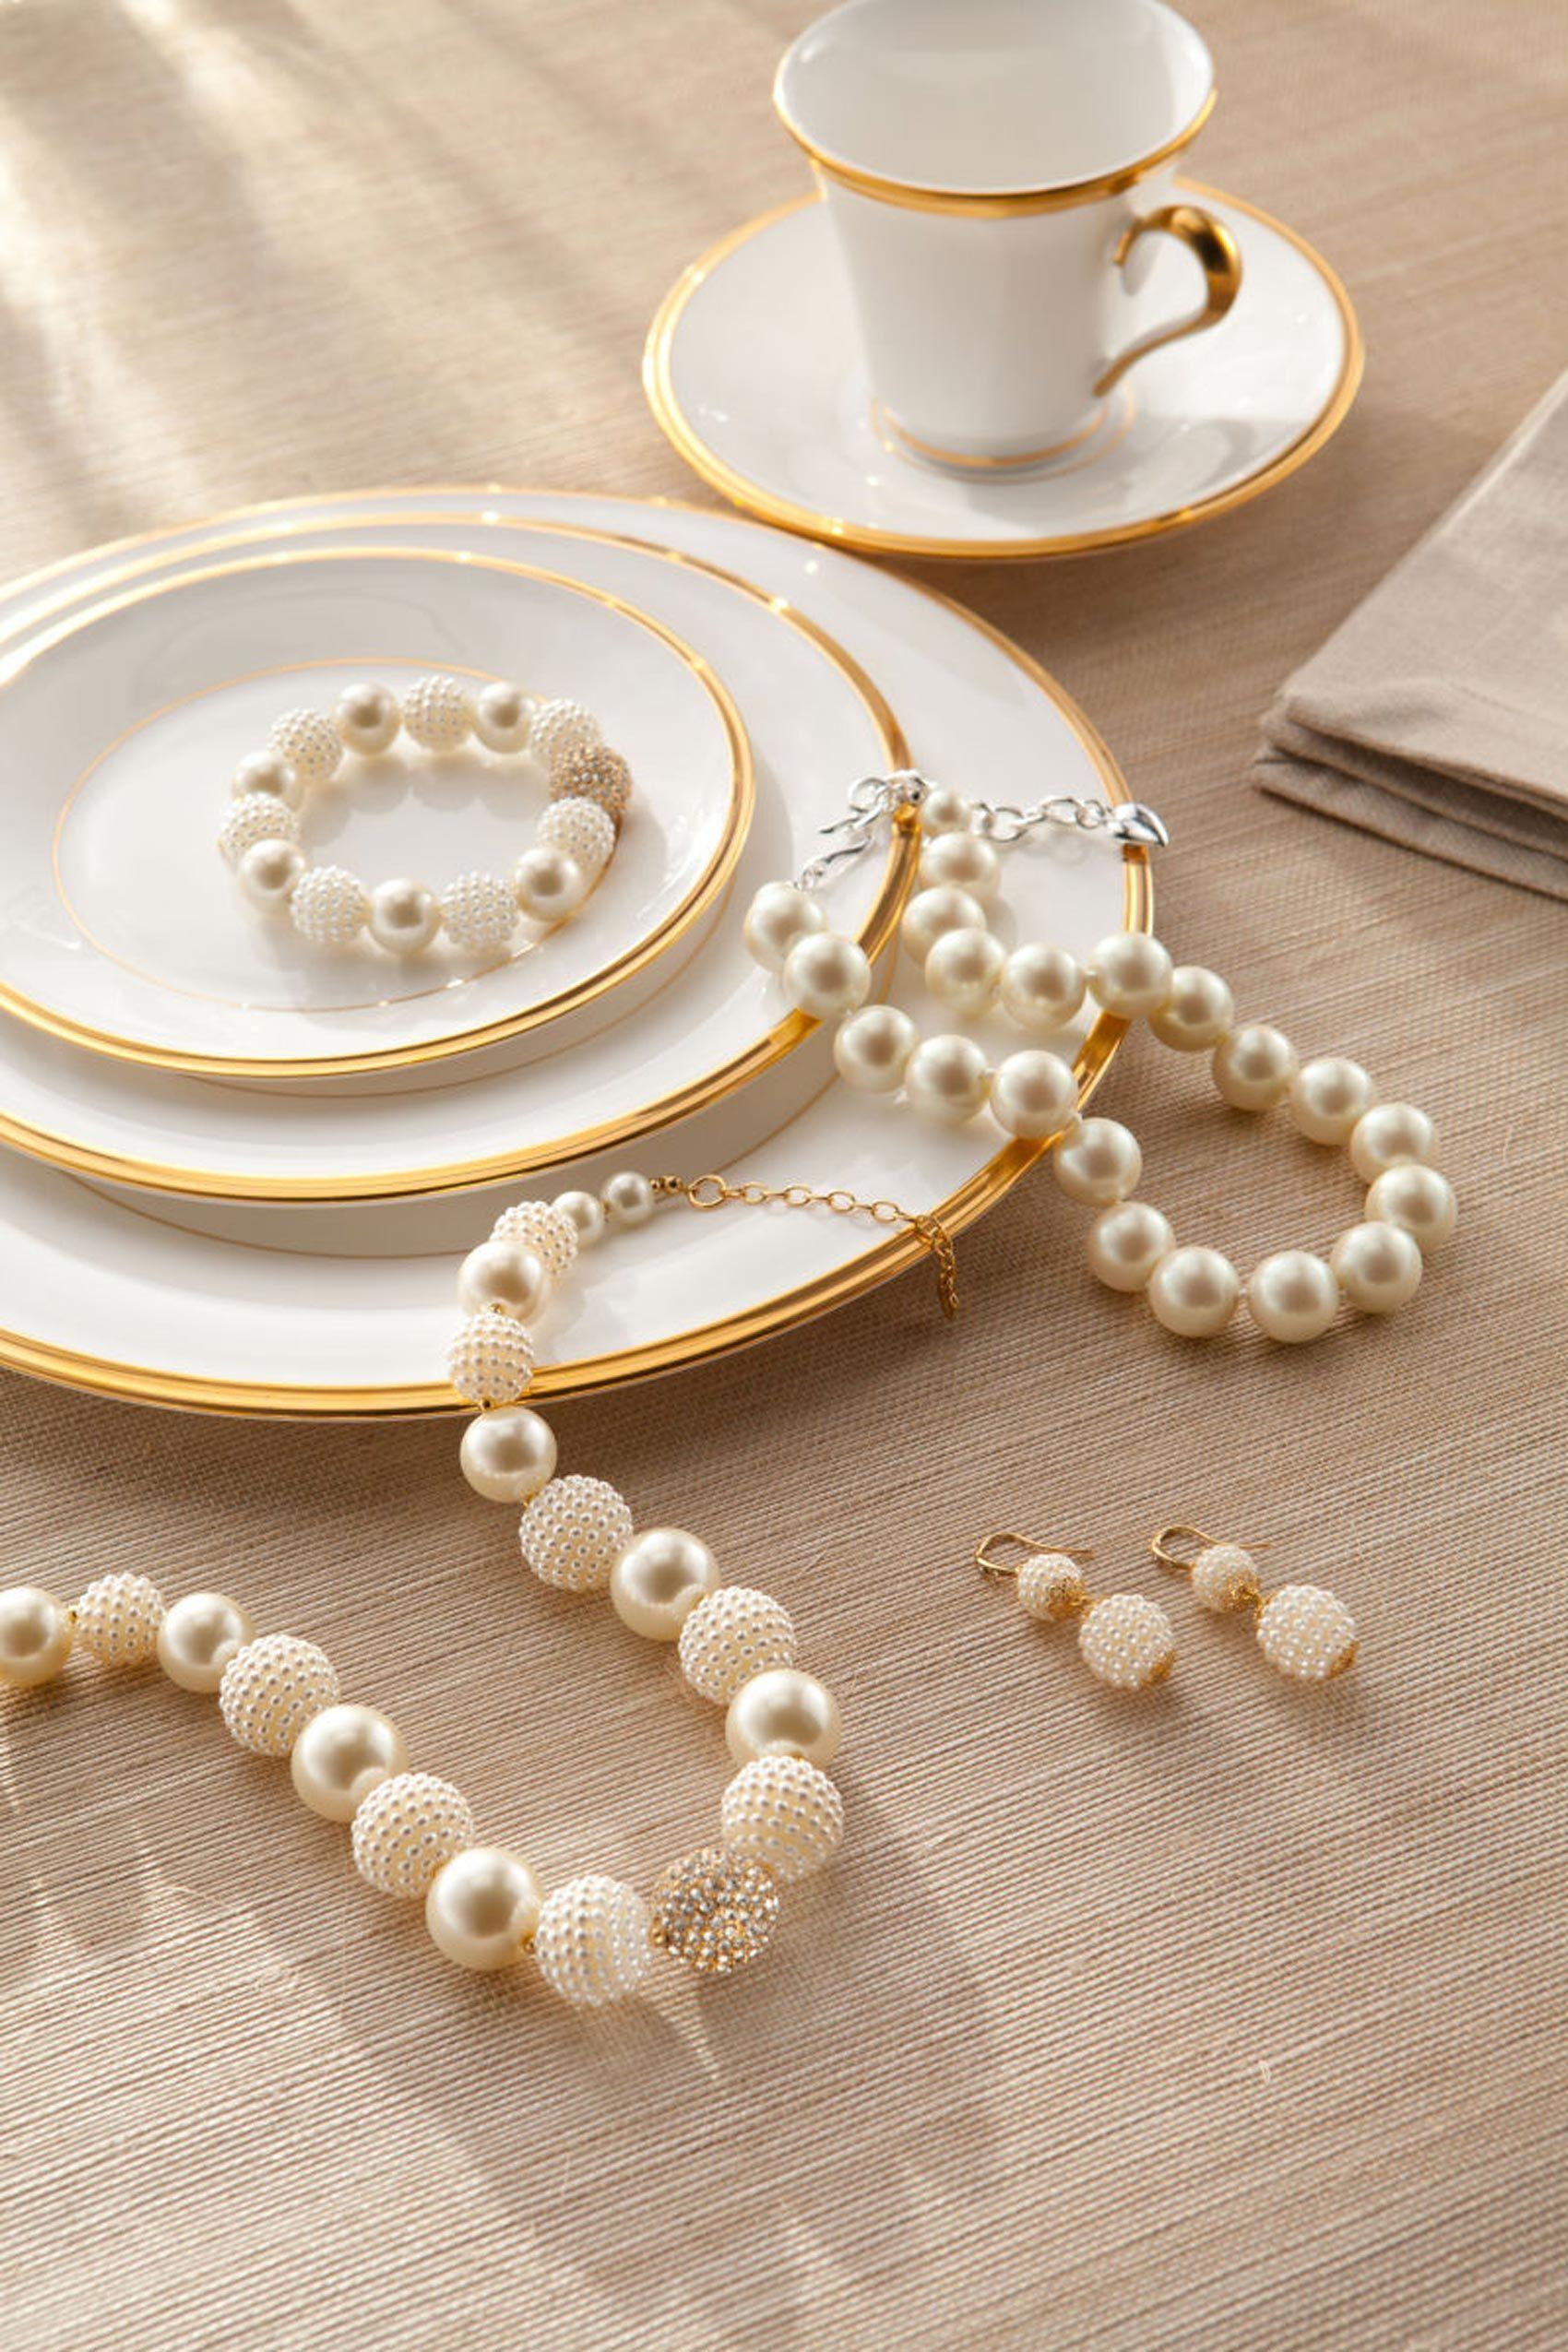 kate-spade-pearls-china.jpg